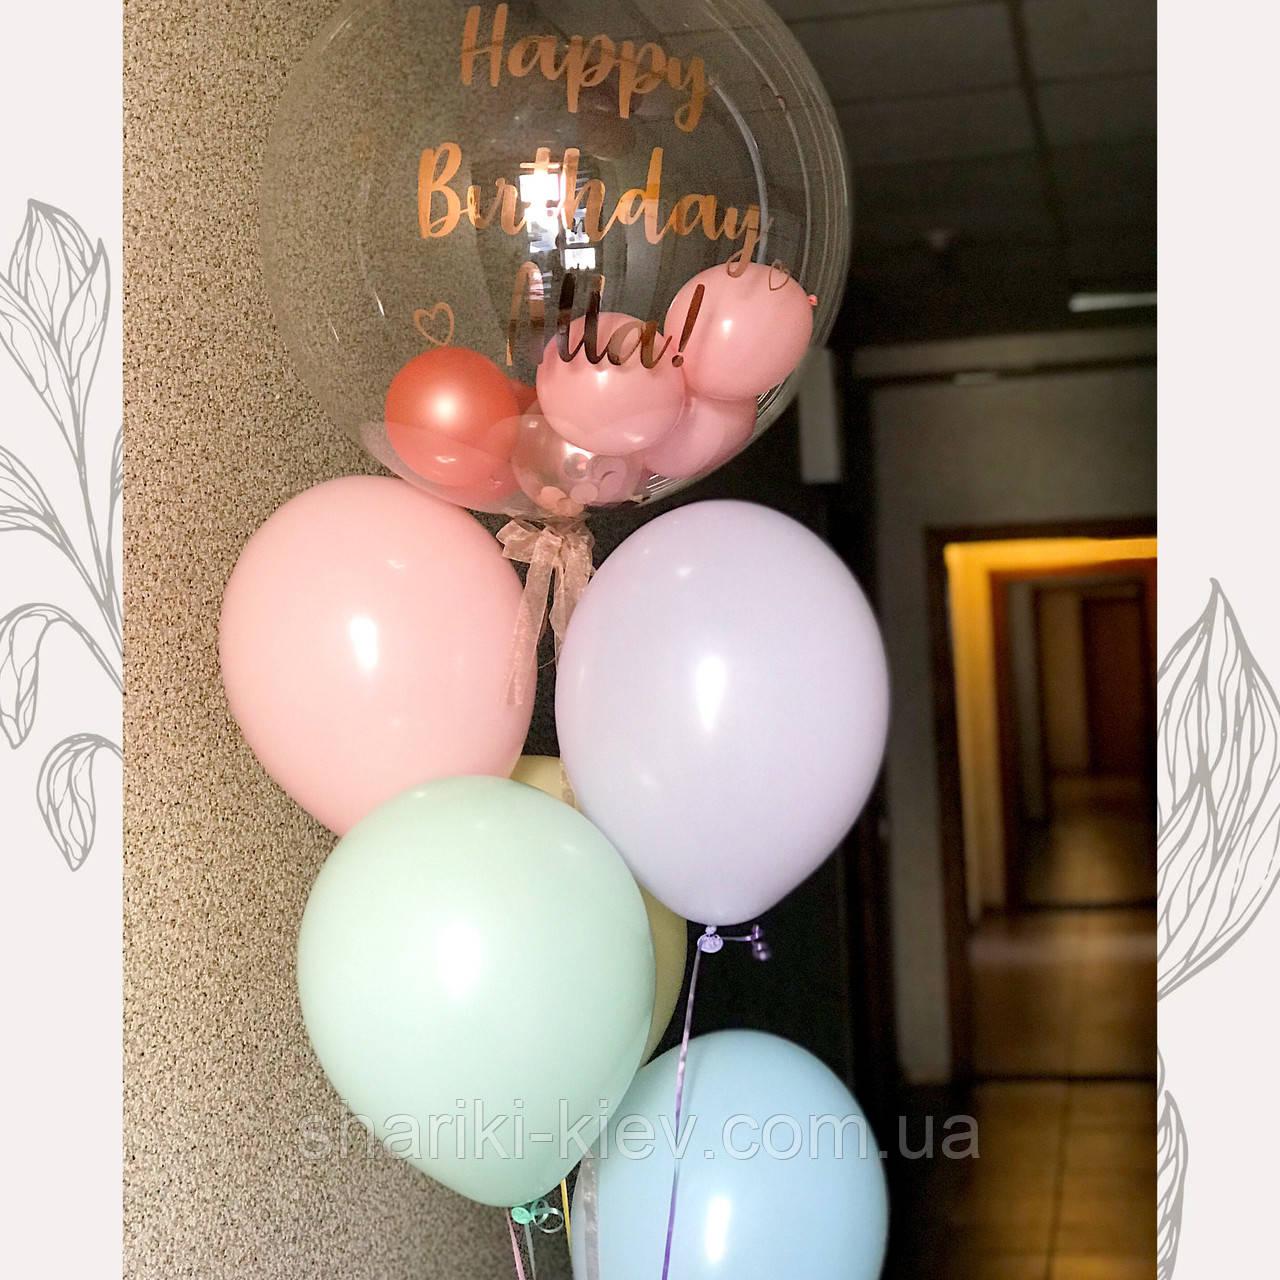 Связка воздушных шаров с шариками внутри и цветными латексными